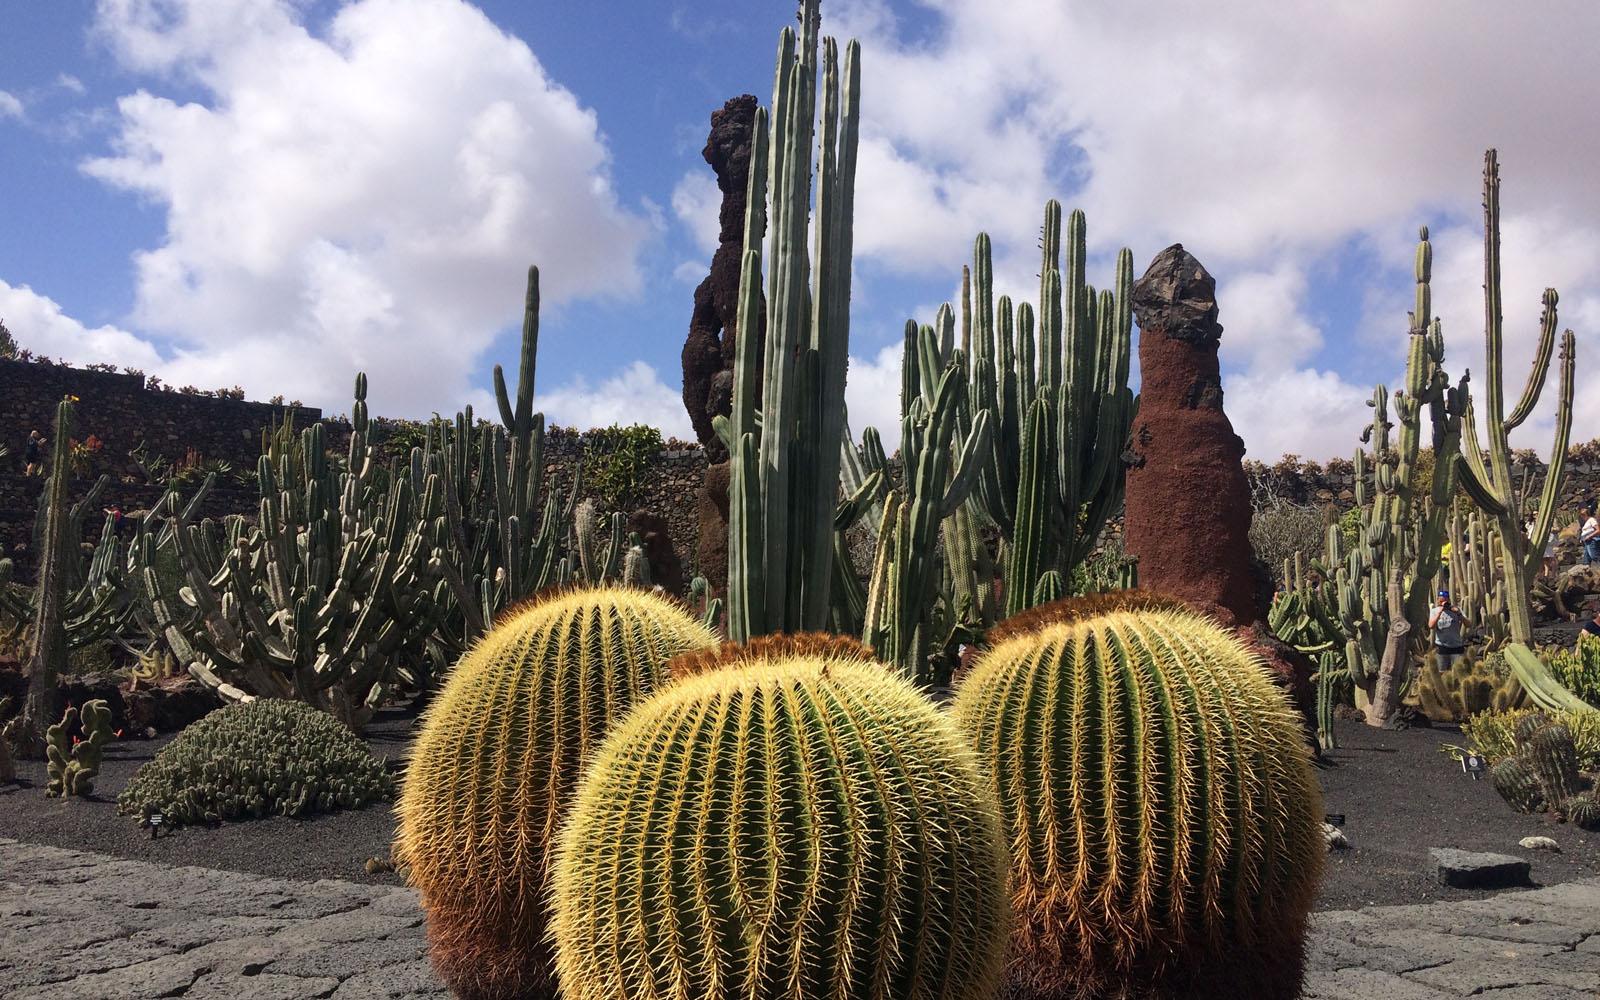 Uno scorcio del Giardino dei Cactus di Lanzarote, opera di Manrique.